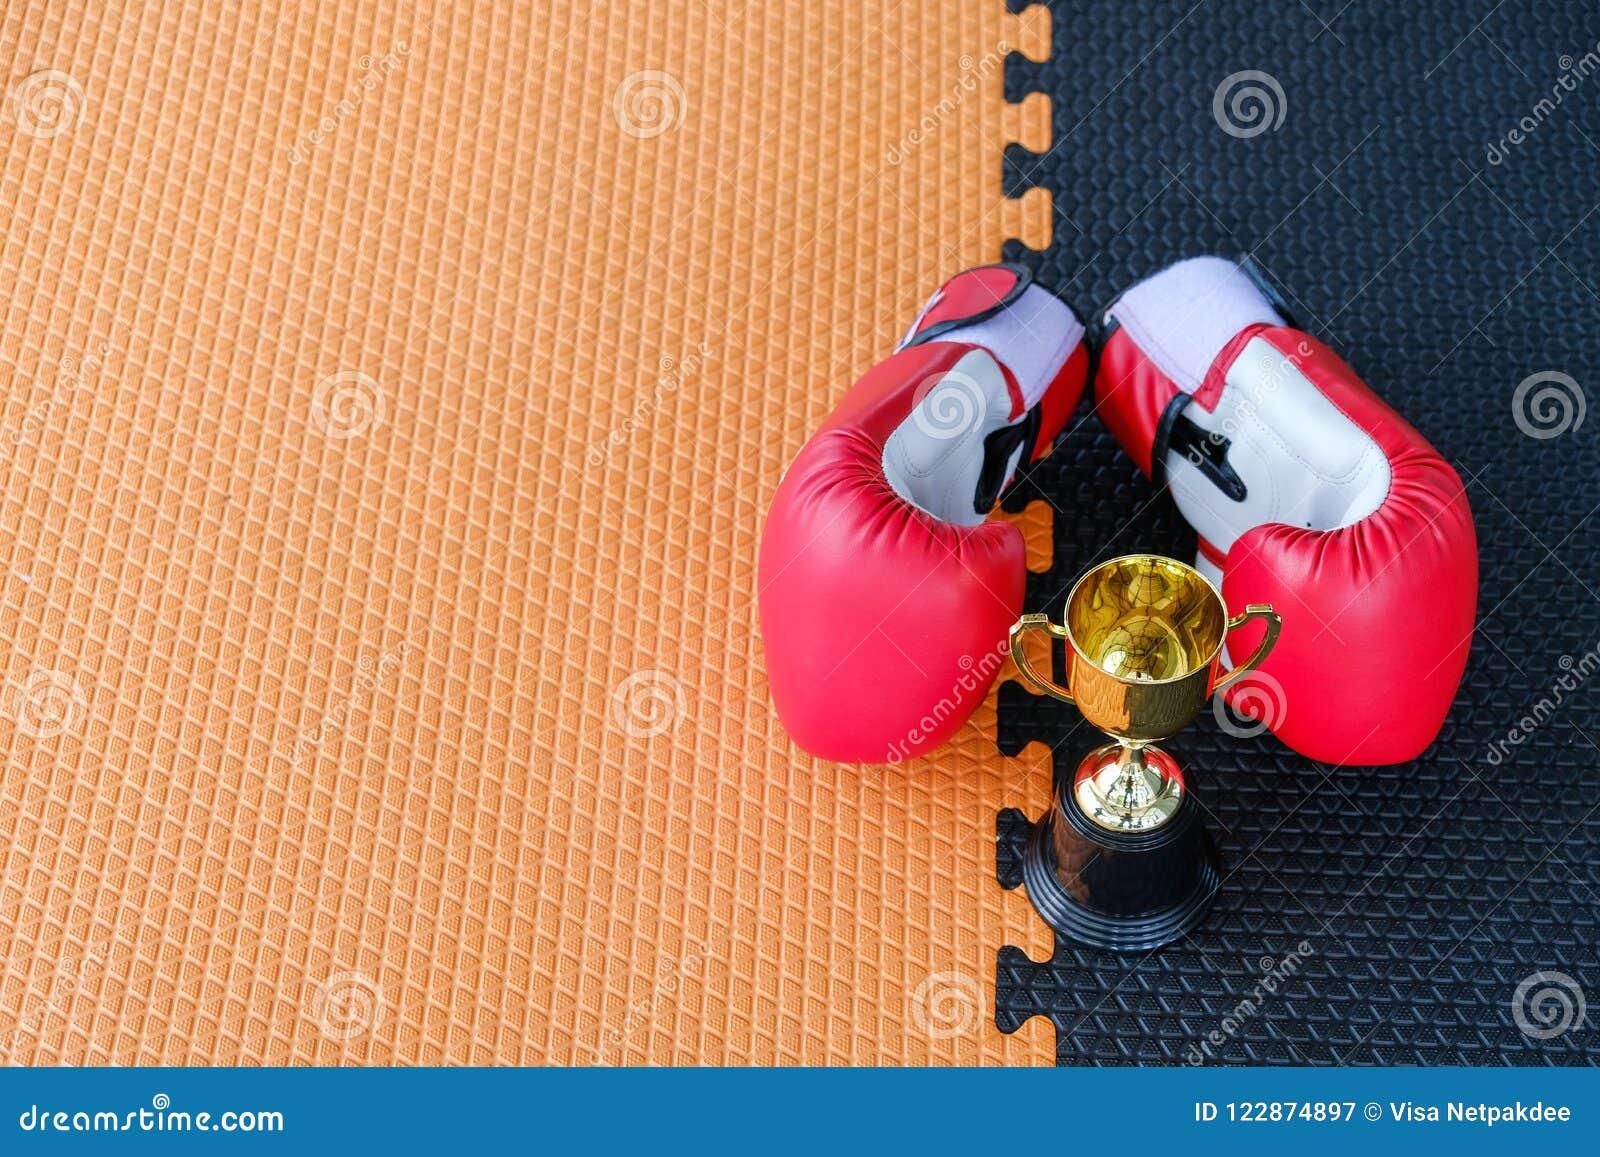 Goldene Trophäenschale mit roten Boxhandschuhen